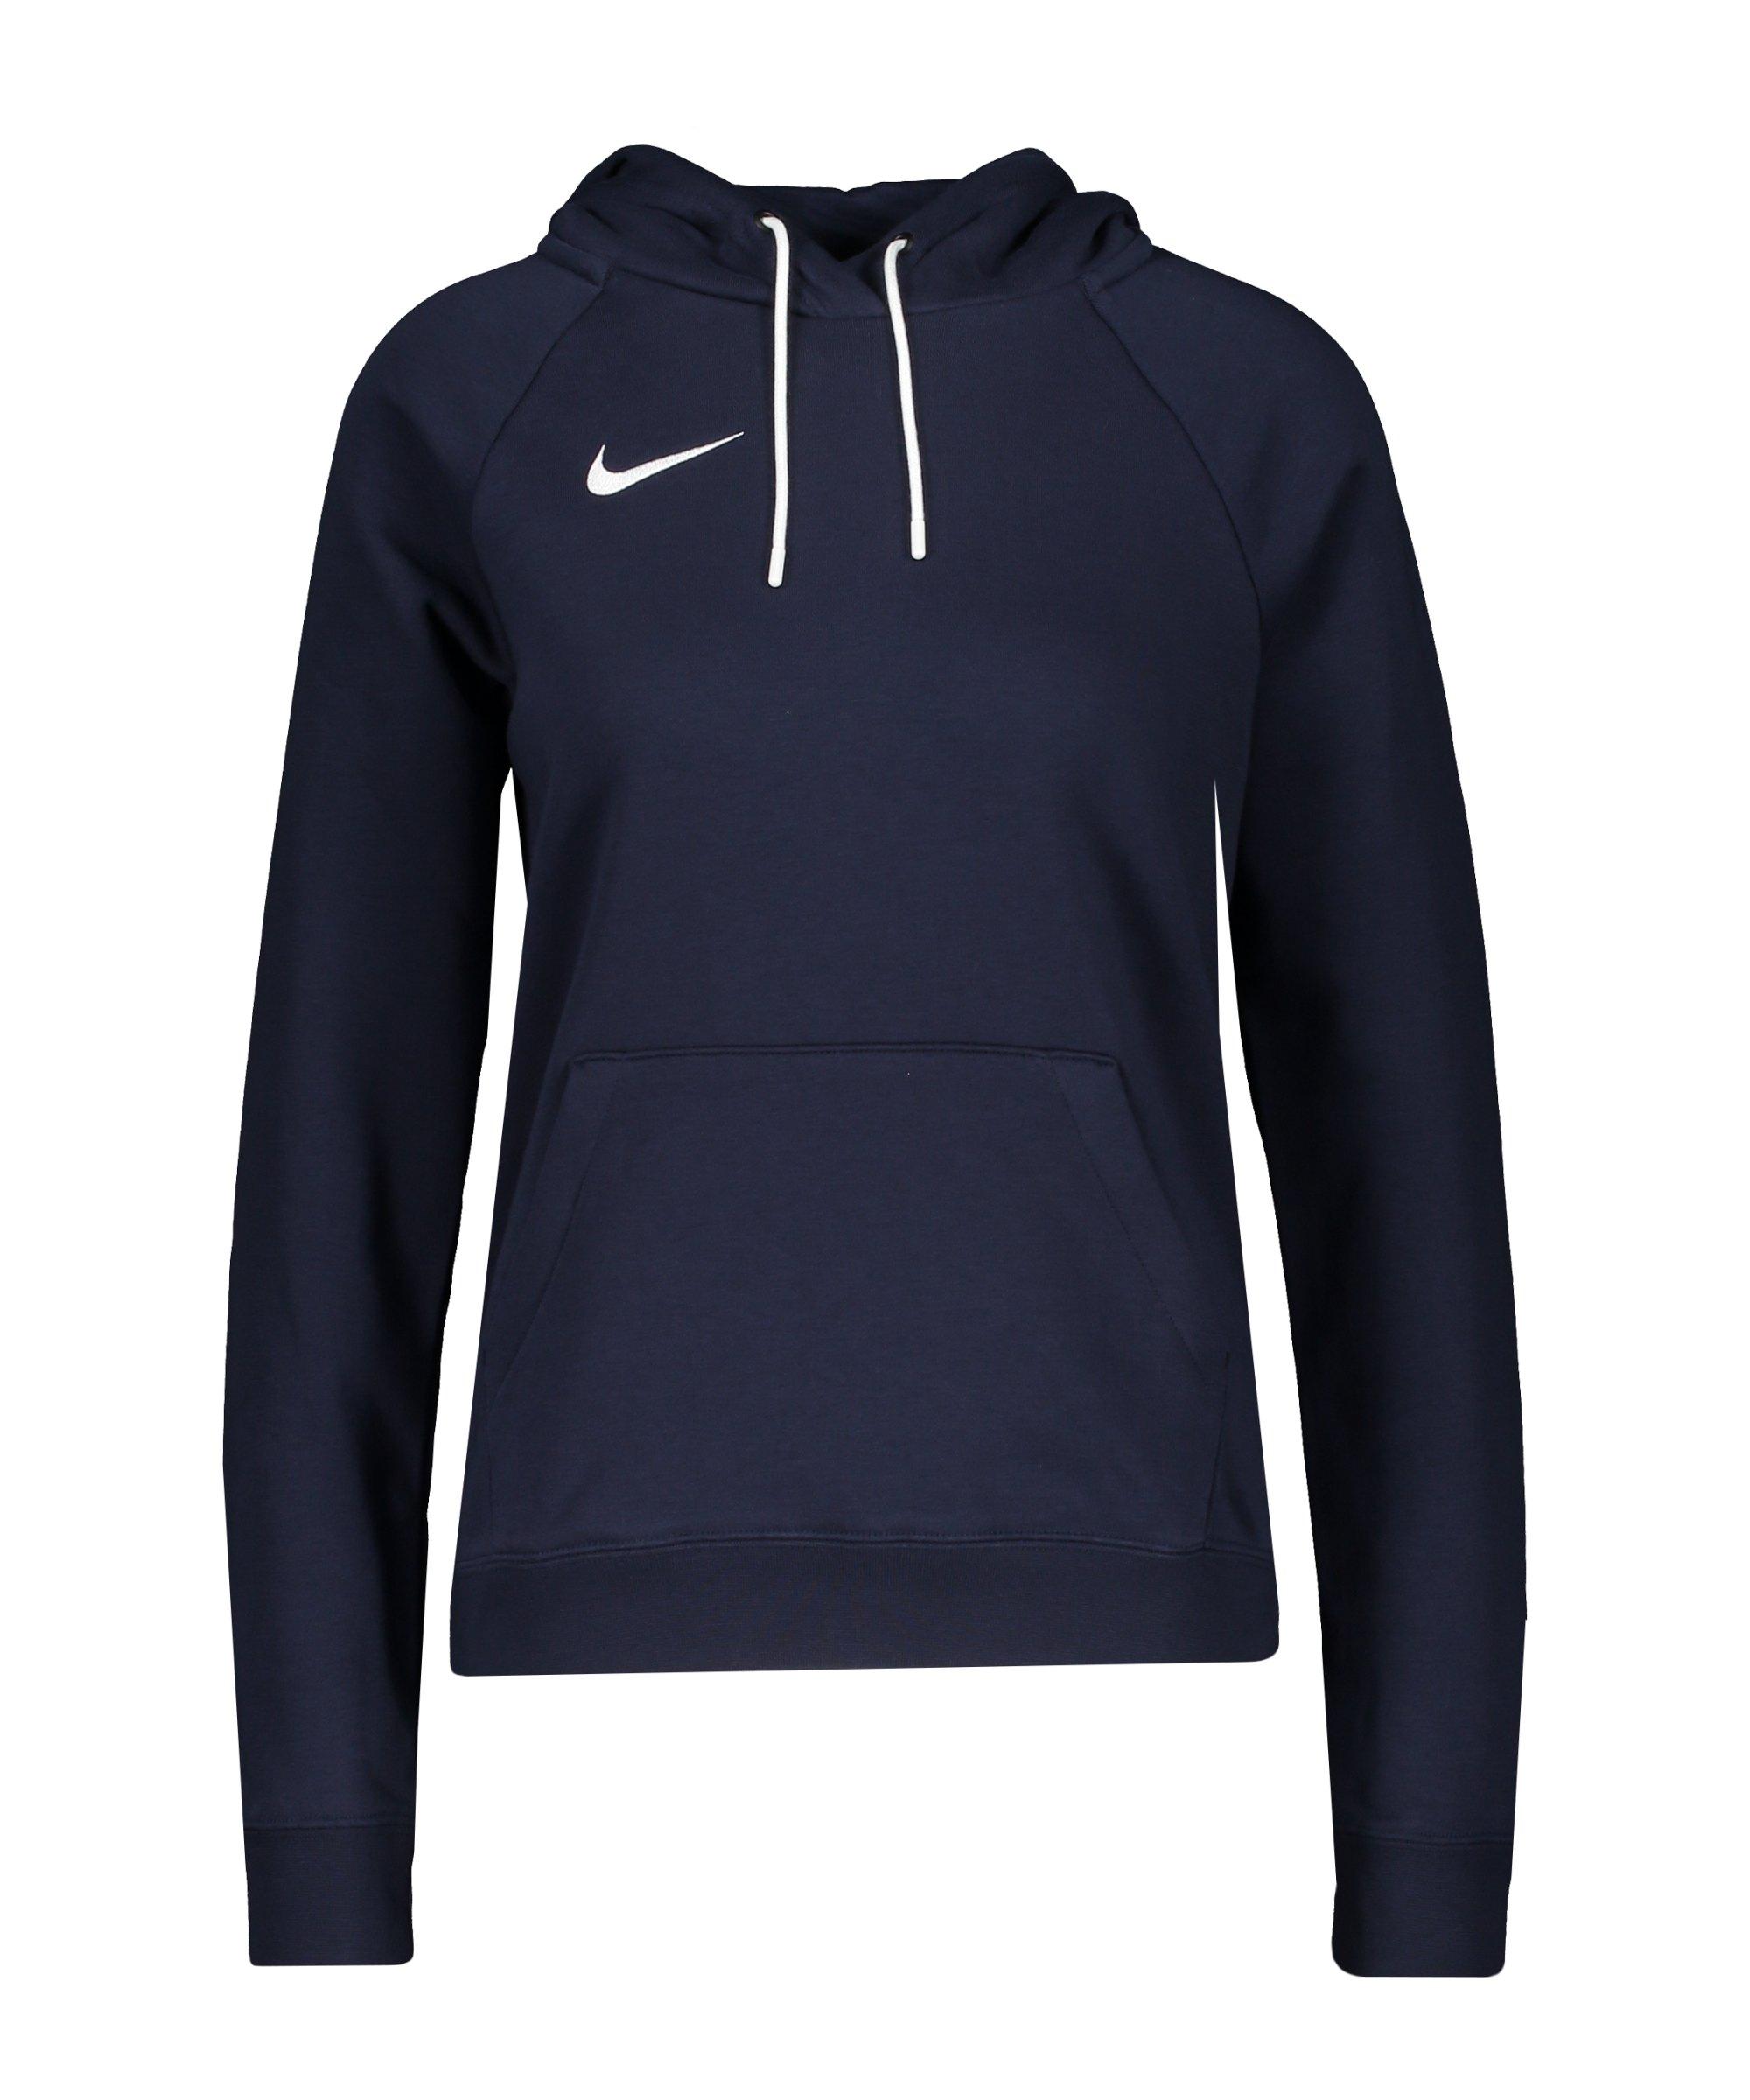 Nike Park 20 Fleece Hoody Damen Blau Weiss F451 - blau